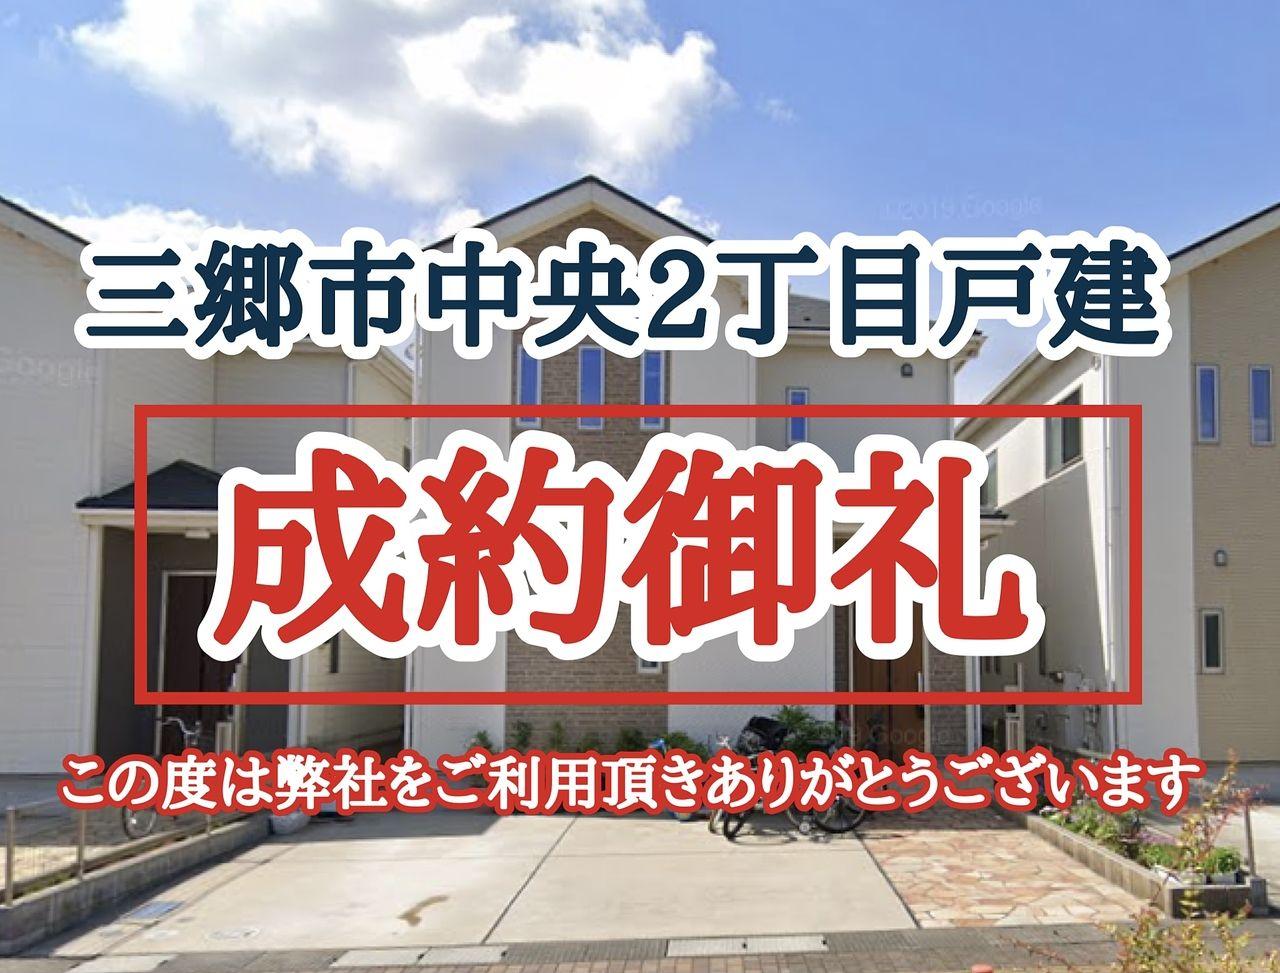 【成約御礼】三郷市中央2丁目戸建(T様、この度はありがとうございました。)